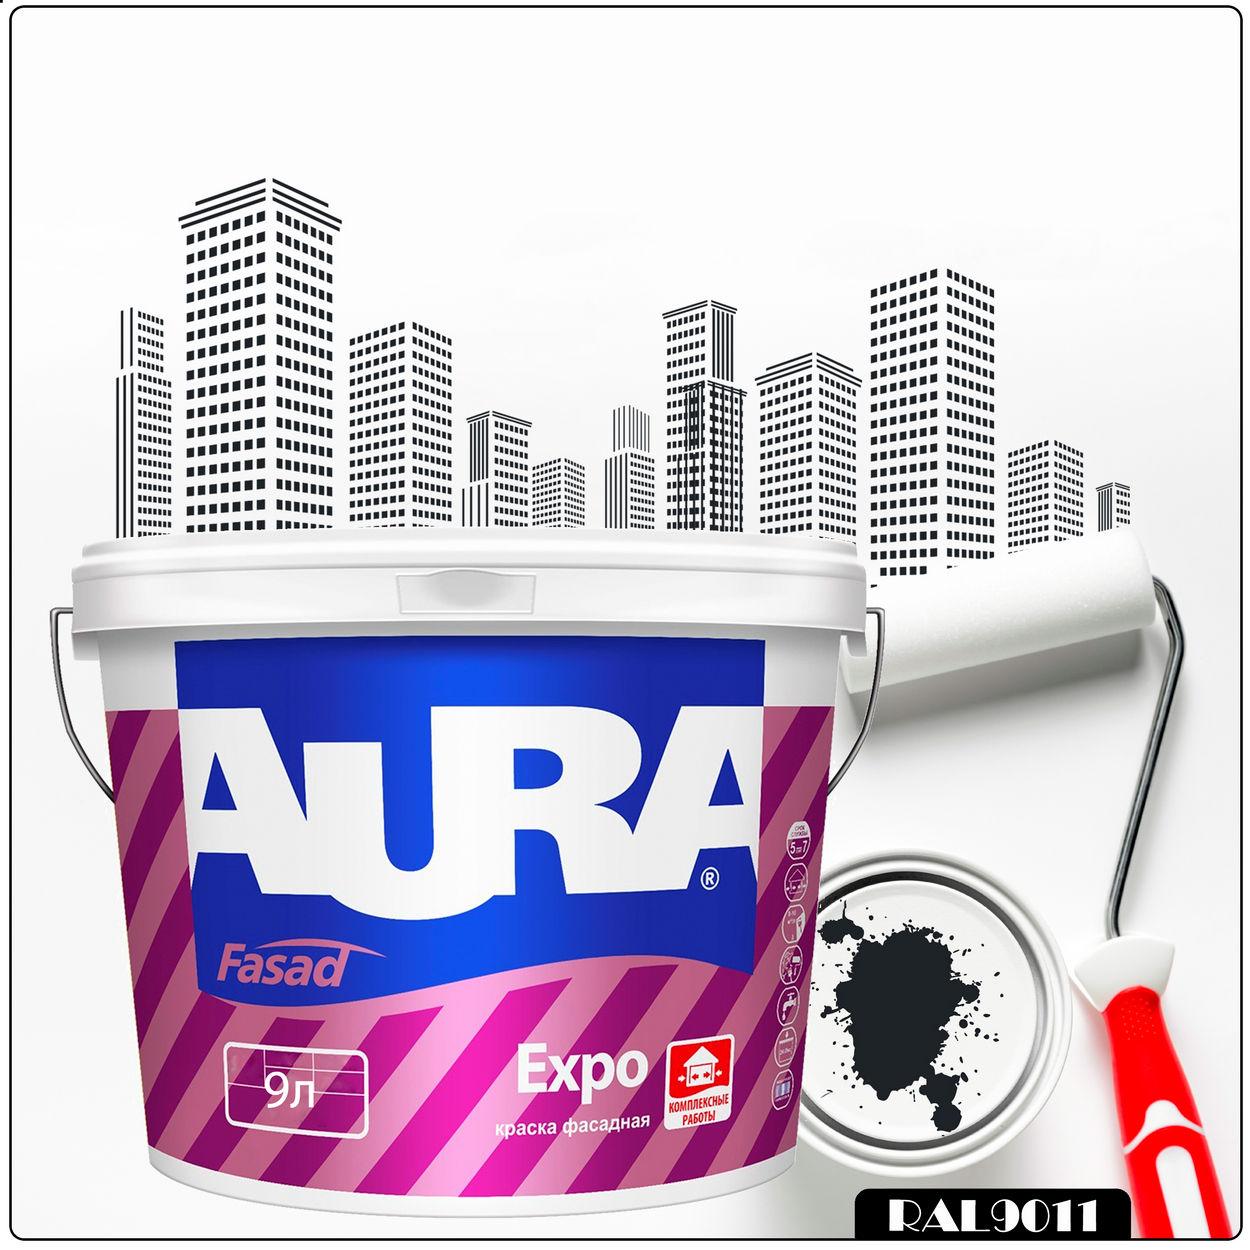 Фото 7 - Краска Aura Fasad Expo, RAL 9011 Графитно-чёрный, матовая, для фасадов и помещений с повышенной влажностью, 9л.